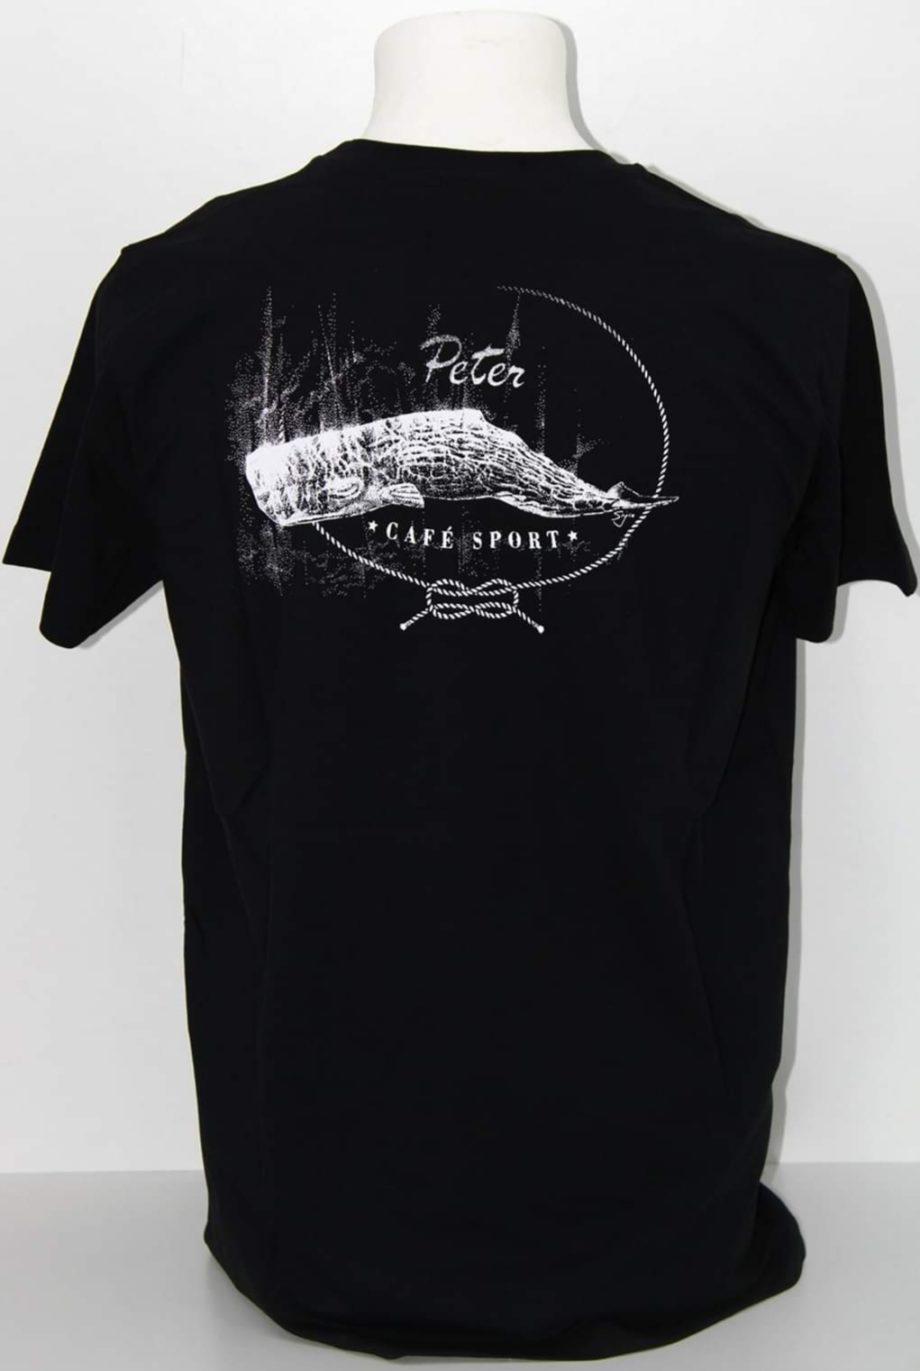 T-shirt de homem preta Peter Cafe Sport.